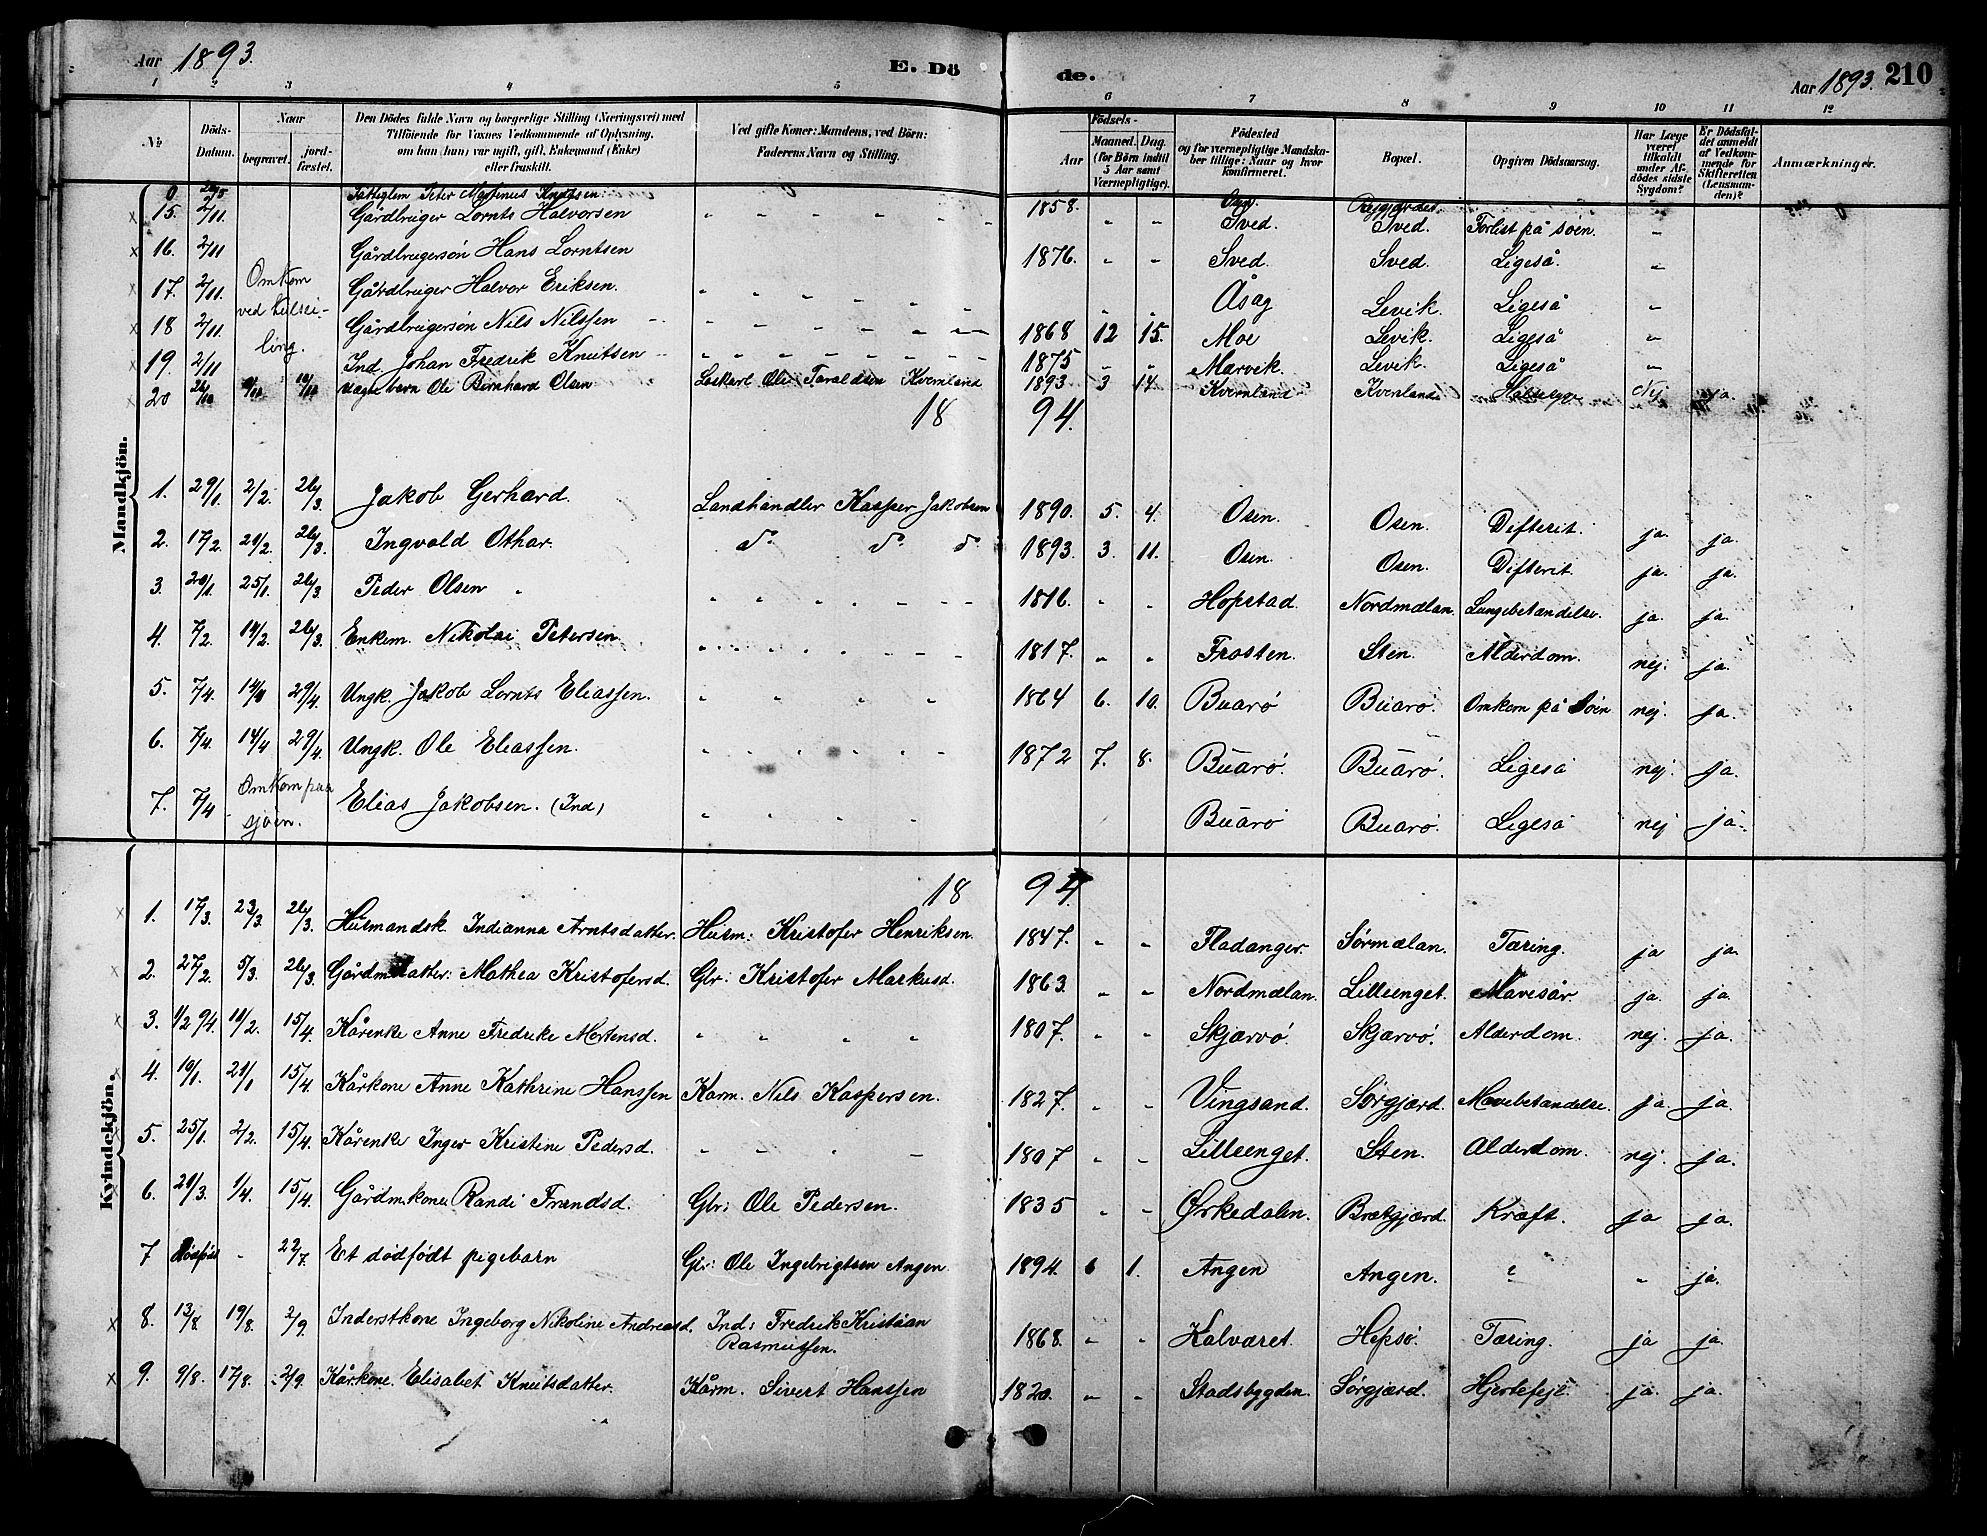 SAT, Ministerialprotokoller, klokkerbøker og fødselsregistre - Sør-Trøndelag, 658/L0726: Klokkerbok nr. 658C02, 1883-1908, s. 210